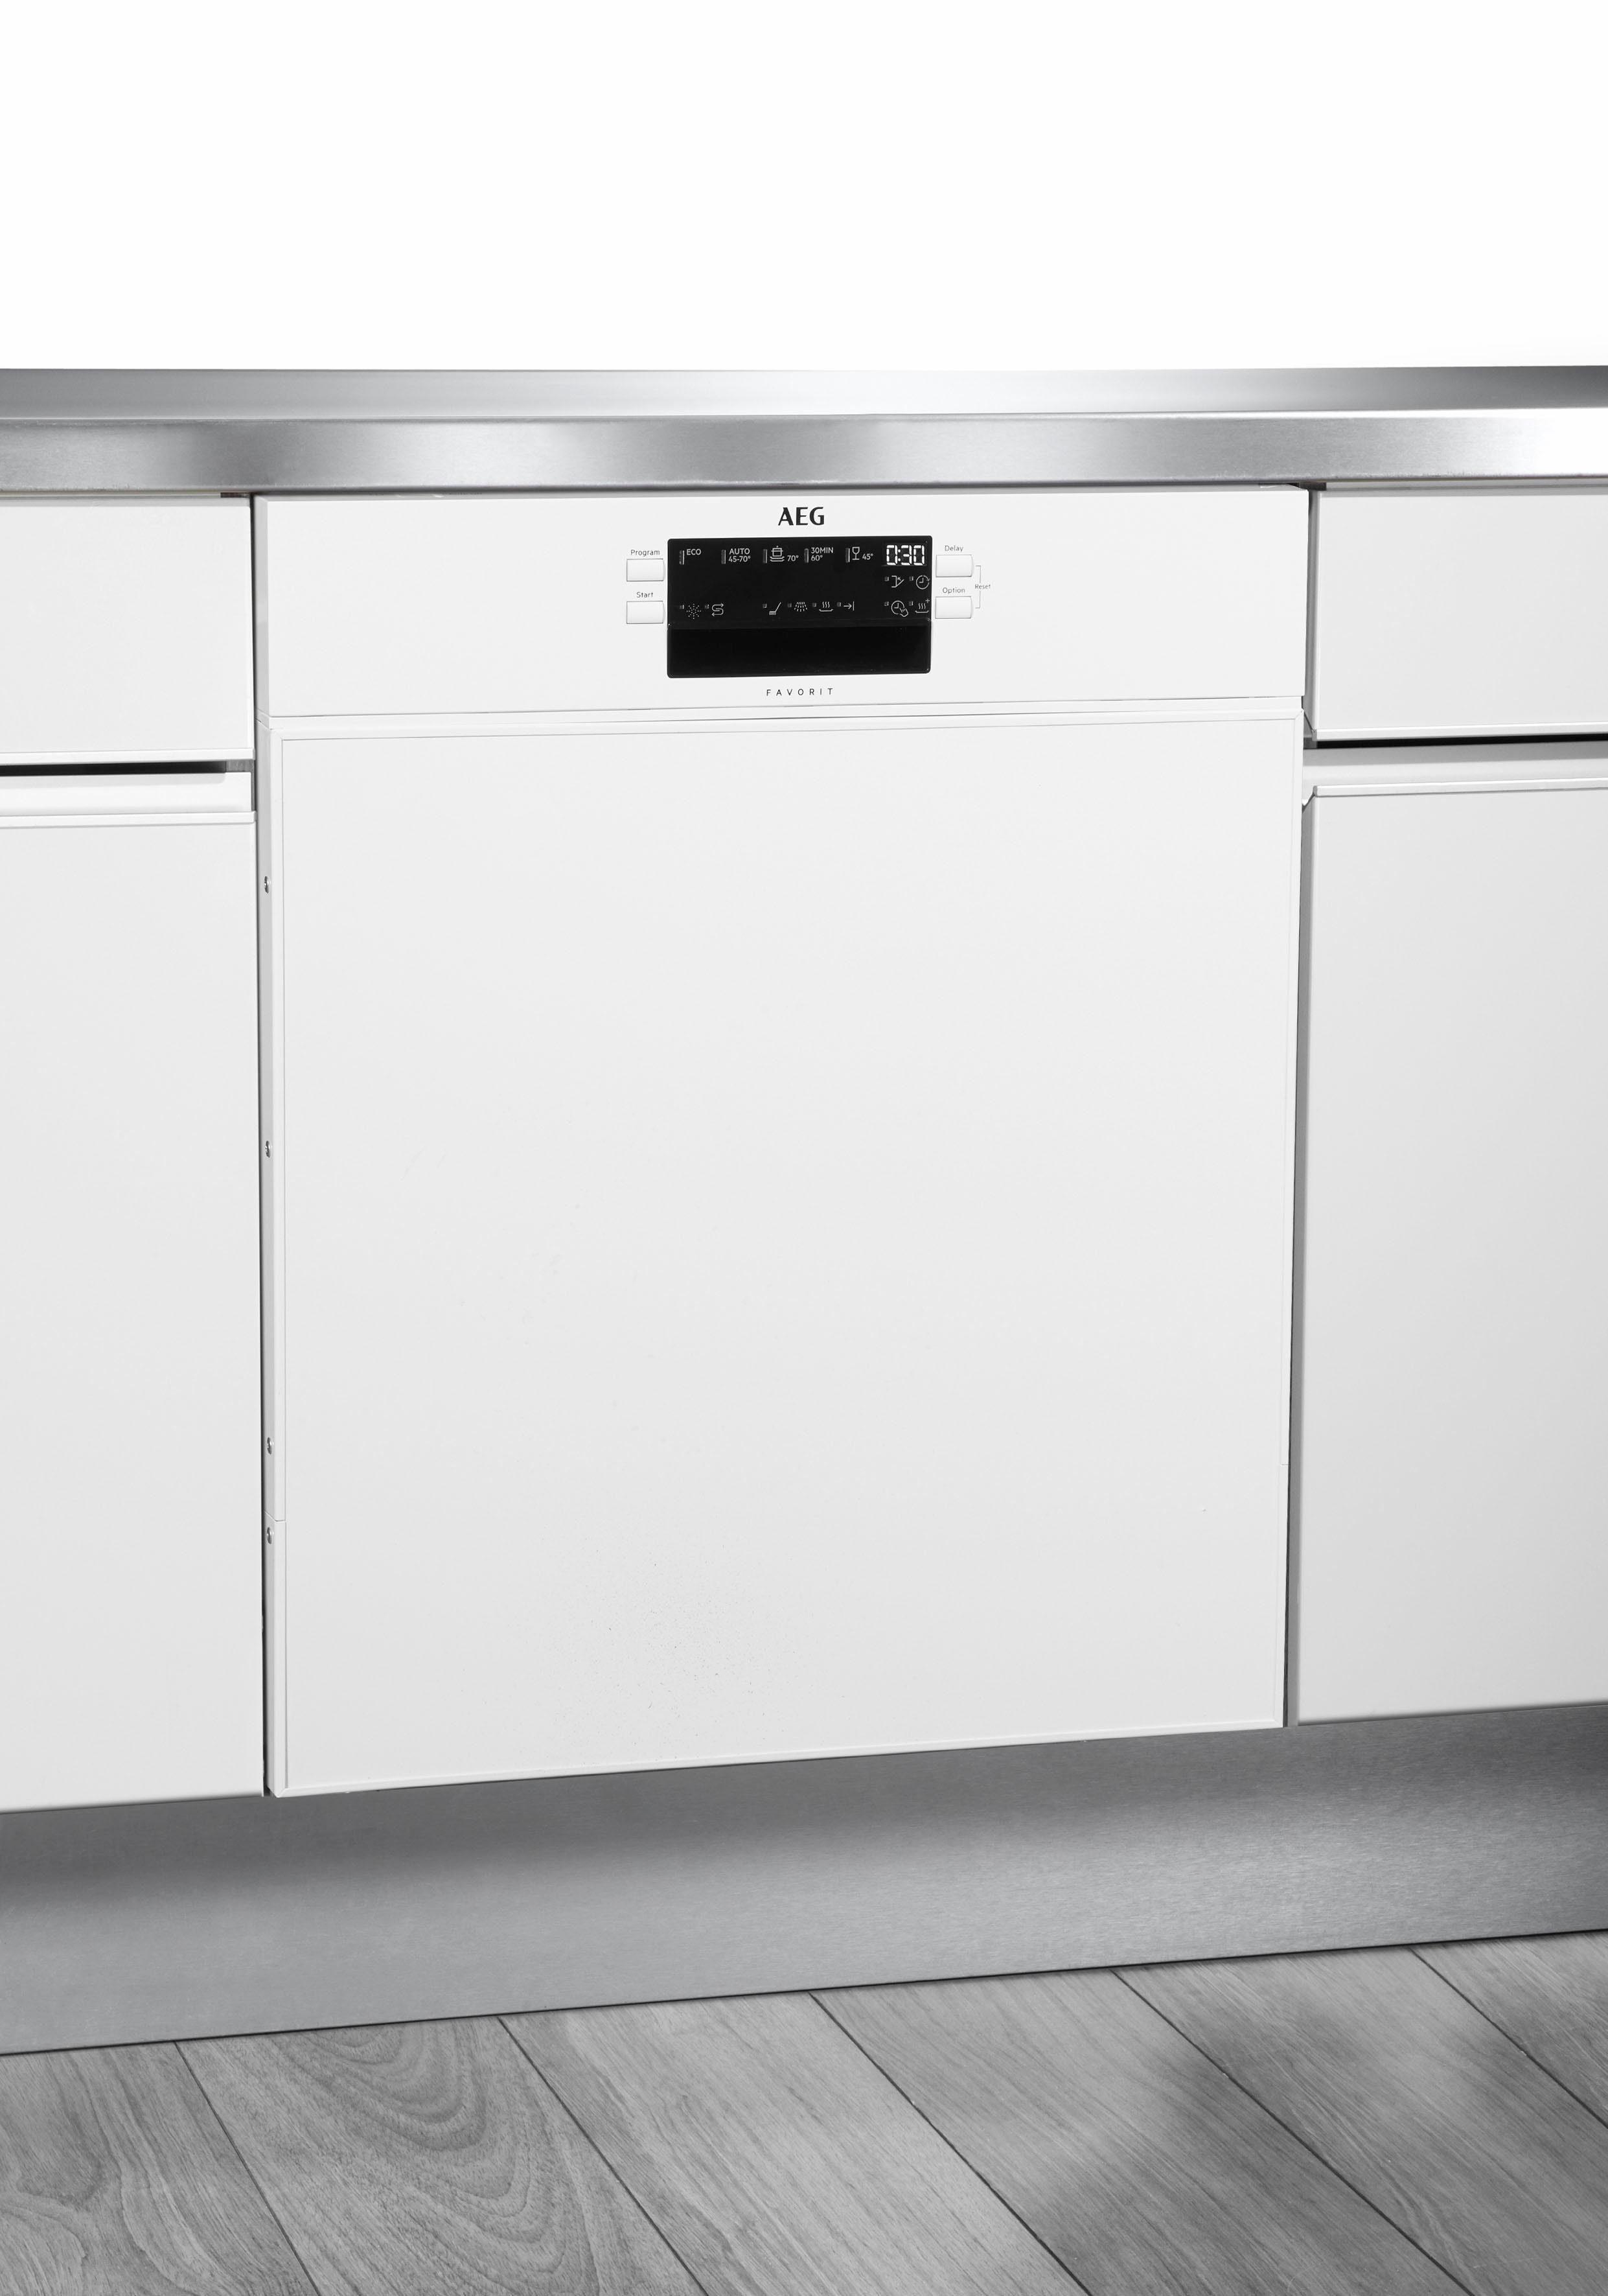 AEG Unterbaugeschirrspüler FUB52600ZW, A++, 9,9 Liter, 13 Maßgedecke